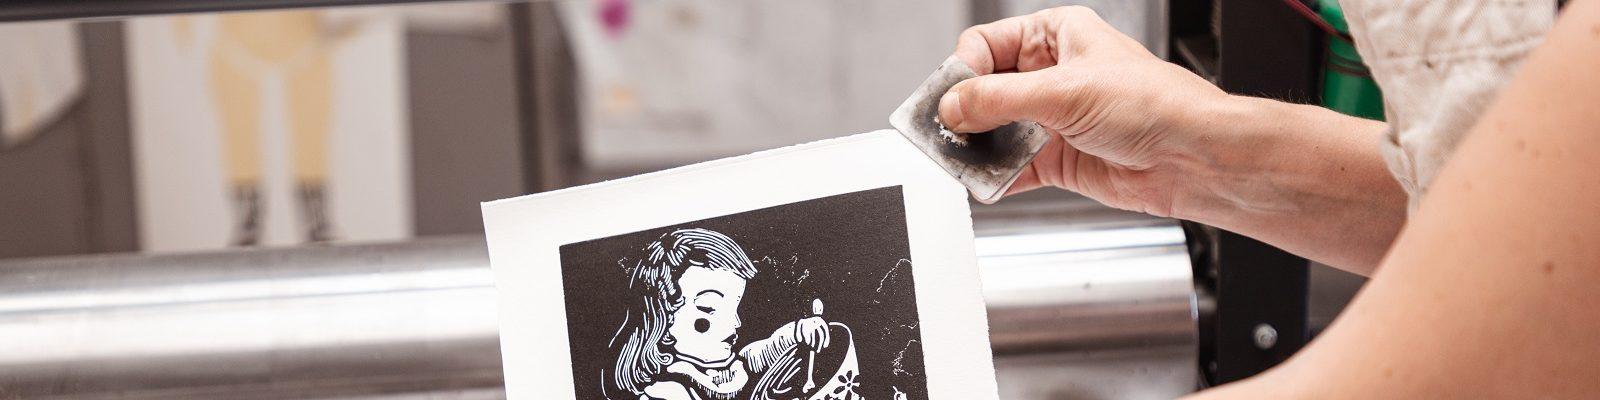 laura-loriers-artiste-français-plasticienne-images-imprimées